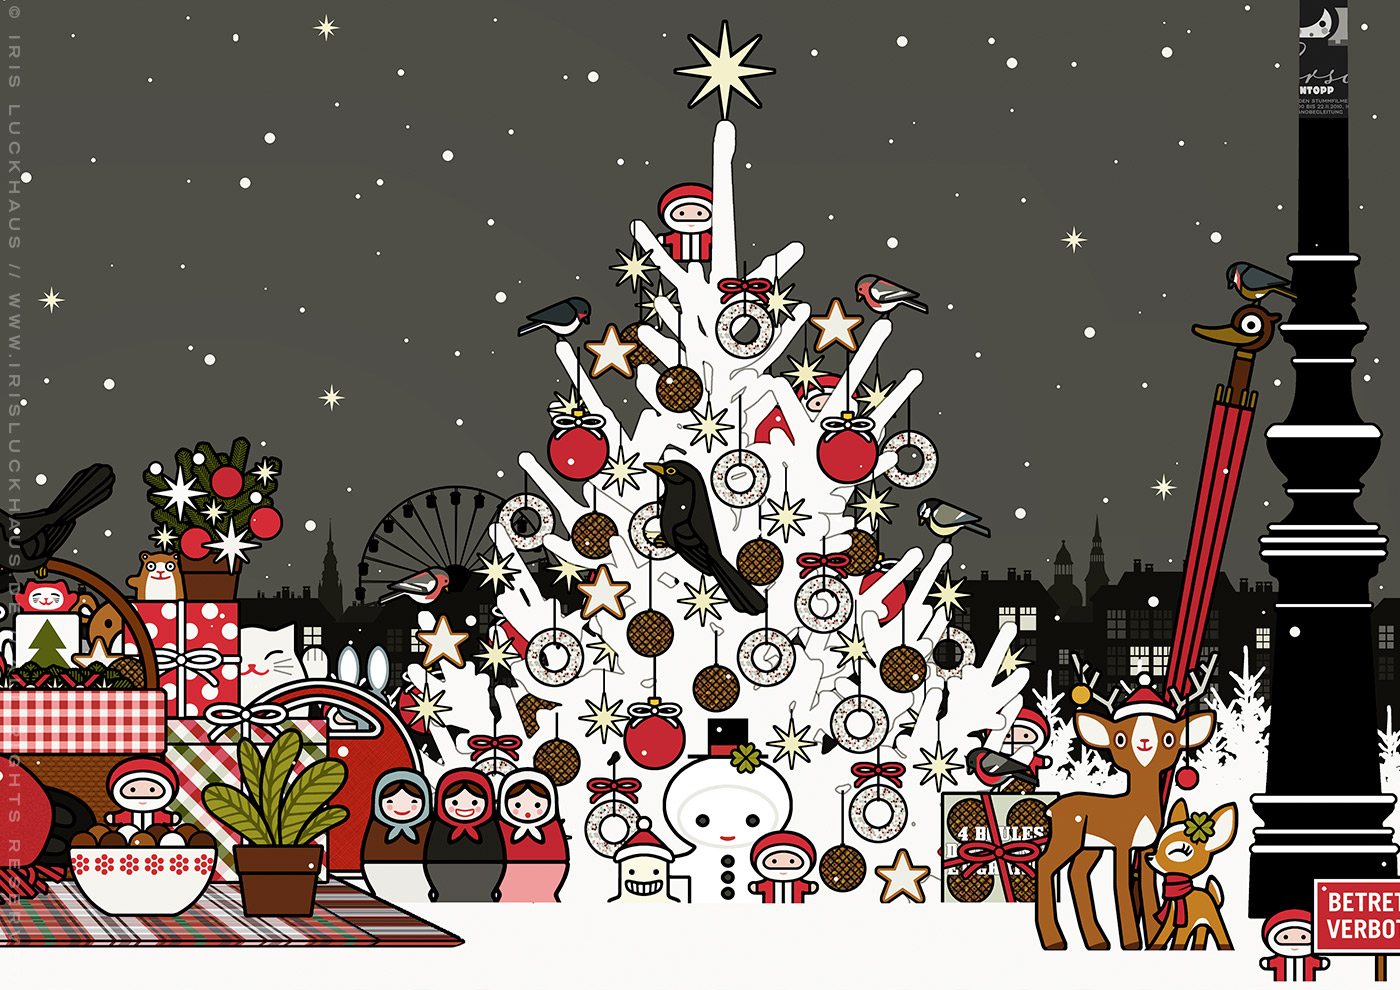 Ausschnitt aus der Zeichnung von einem mit Meisenknödeln geschmückten Weihnachtsbaum und vielen Weihnachtsgeschenken, für Lily Lux